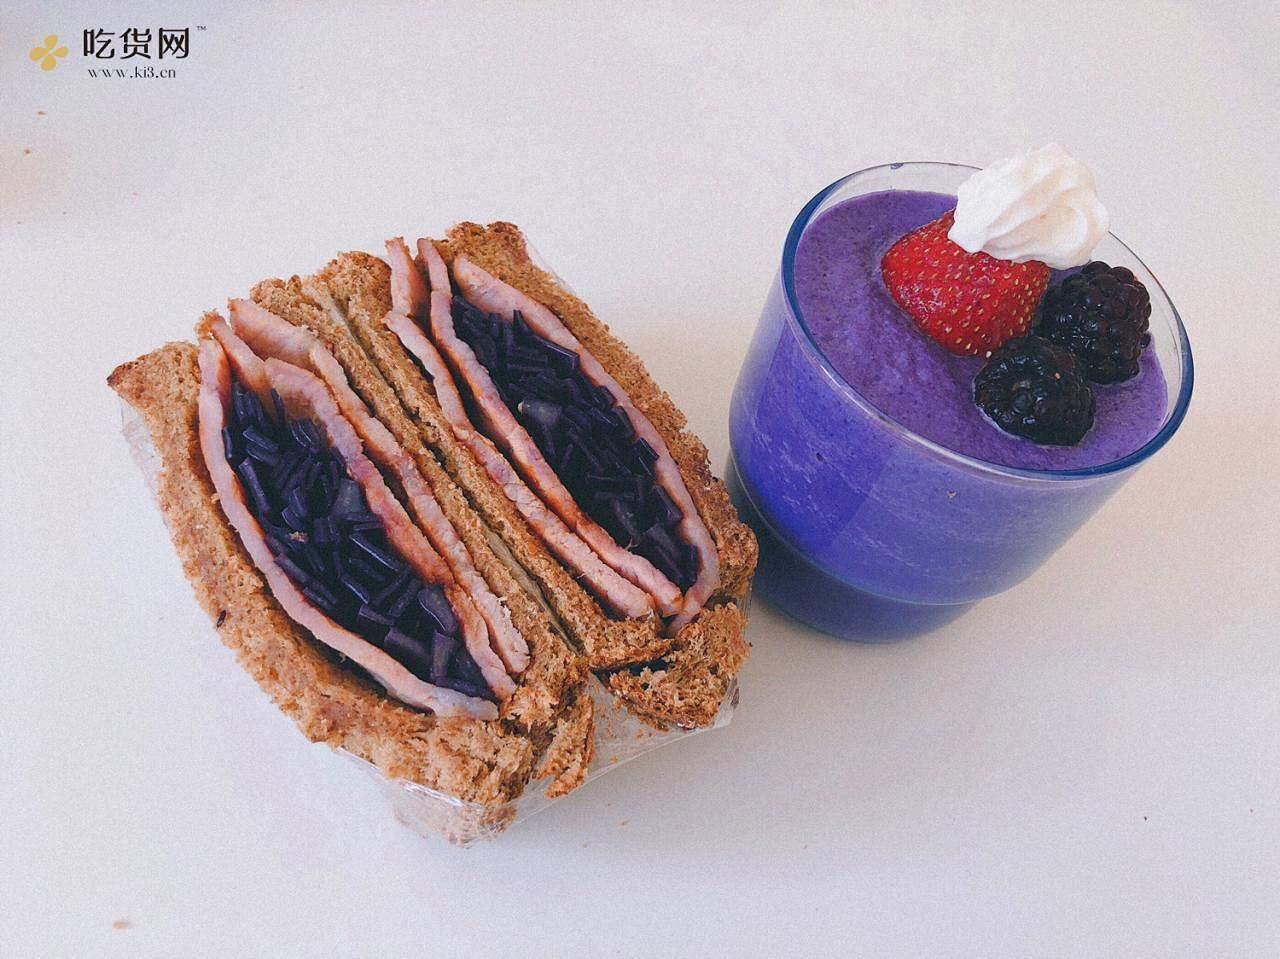 视觉味觉爆炸的全麦三明治系列|减脂万能公式 欢迎来玩!的做法 步骤25